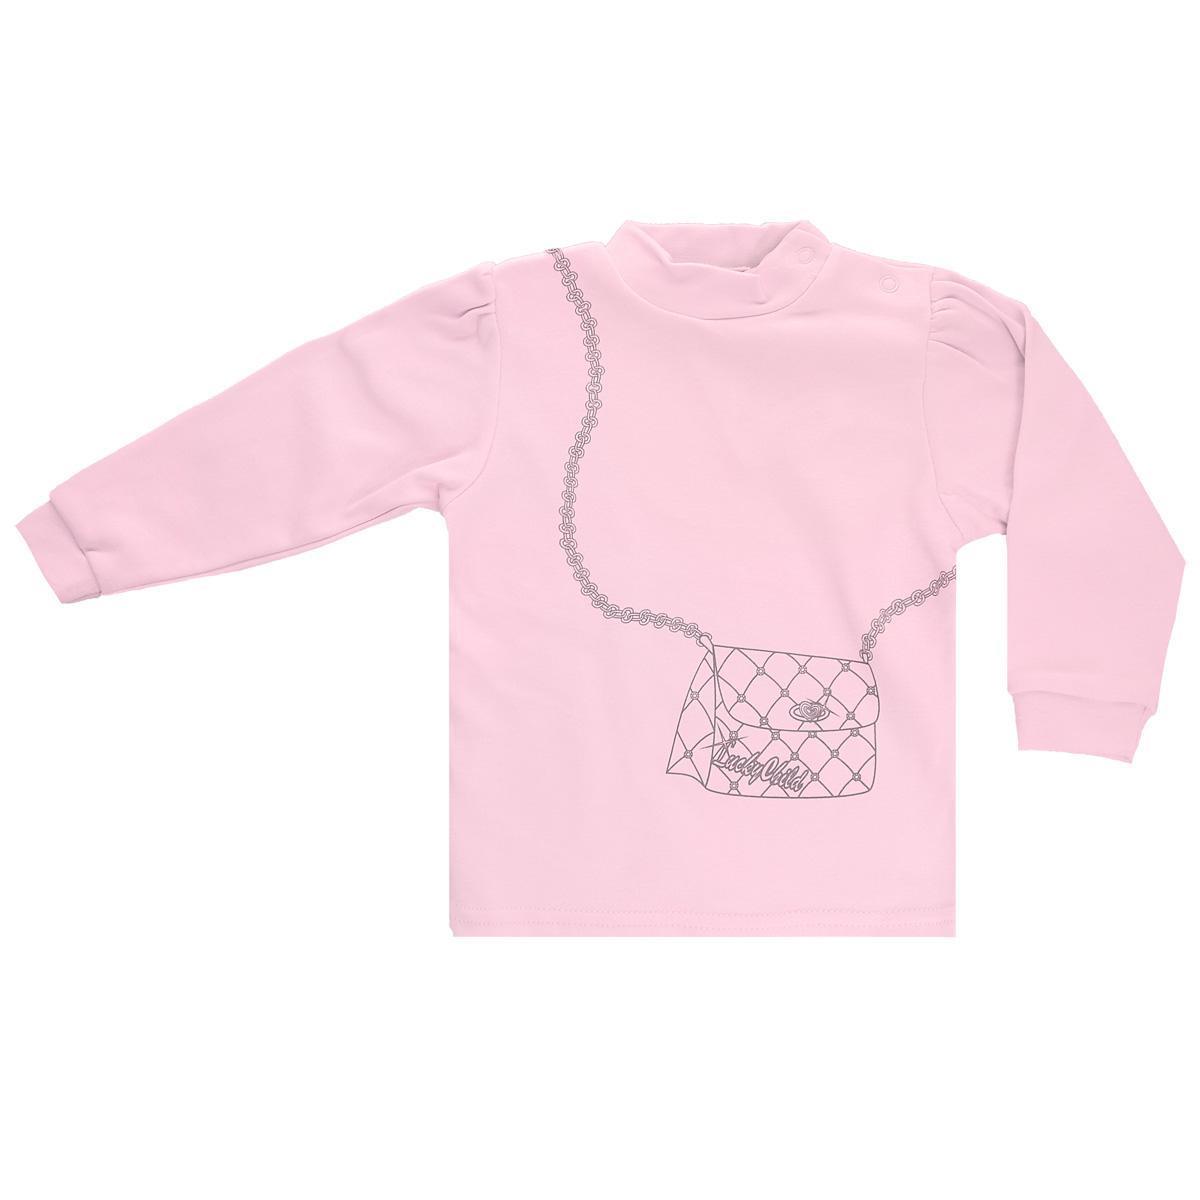 Распашонка2-23Кофточка для девочки Lucky Child с длинными рукавами-фонариками послужит идеальным дополнением к гардеробу вашей малышки, обеспечивая ей наибольший комфорт. Изготовленная из интерлока - натурального хлопка, она необычайно мягкая и легкая, не раздражает нежную кожу ребенка и хорошо вентилируется, а эластичные швы приятны телу малышки и не препятствуют ее движениям. Удобные застежки-кнопки по плечу помогают легко переодеть младенца. Рукава понизу дополнены широкими трикотажными манжетами, не стягивающими запястья. Спереди модель оформлена оригинальным принтом, имитирующим сумочку на цепочке. Кофточка полностью соответствует особенностям жизни ребенка в ранний период, не стесняя и не ограничивая его в движениях. В ней ваша малышка всегда будет в центре внимания.